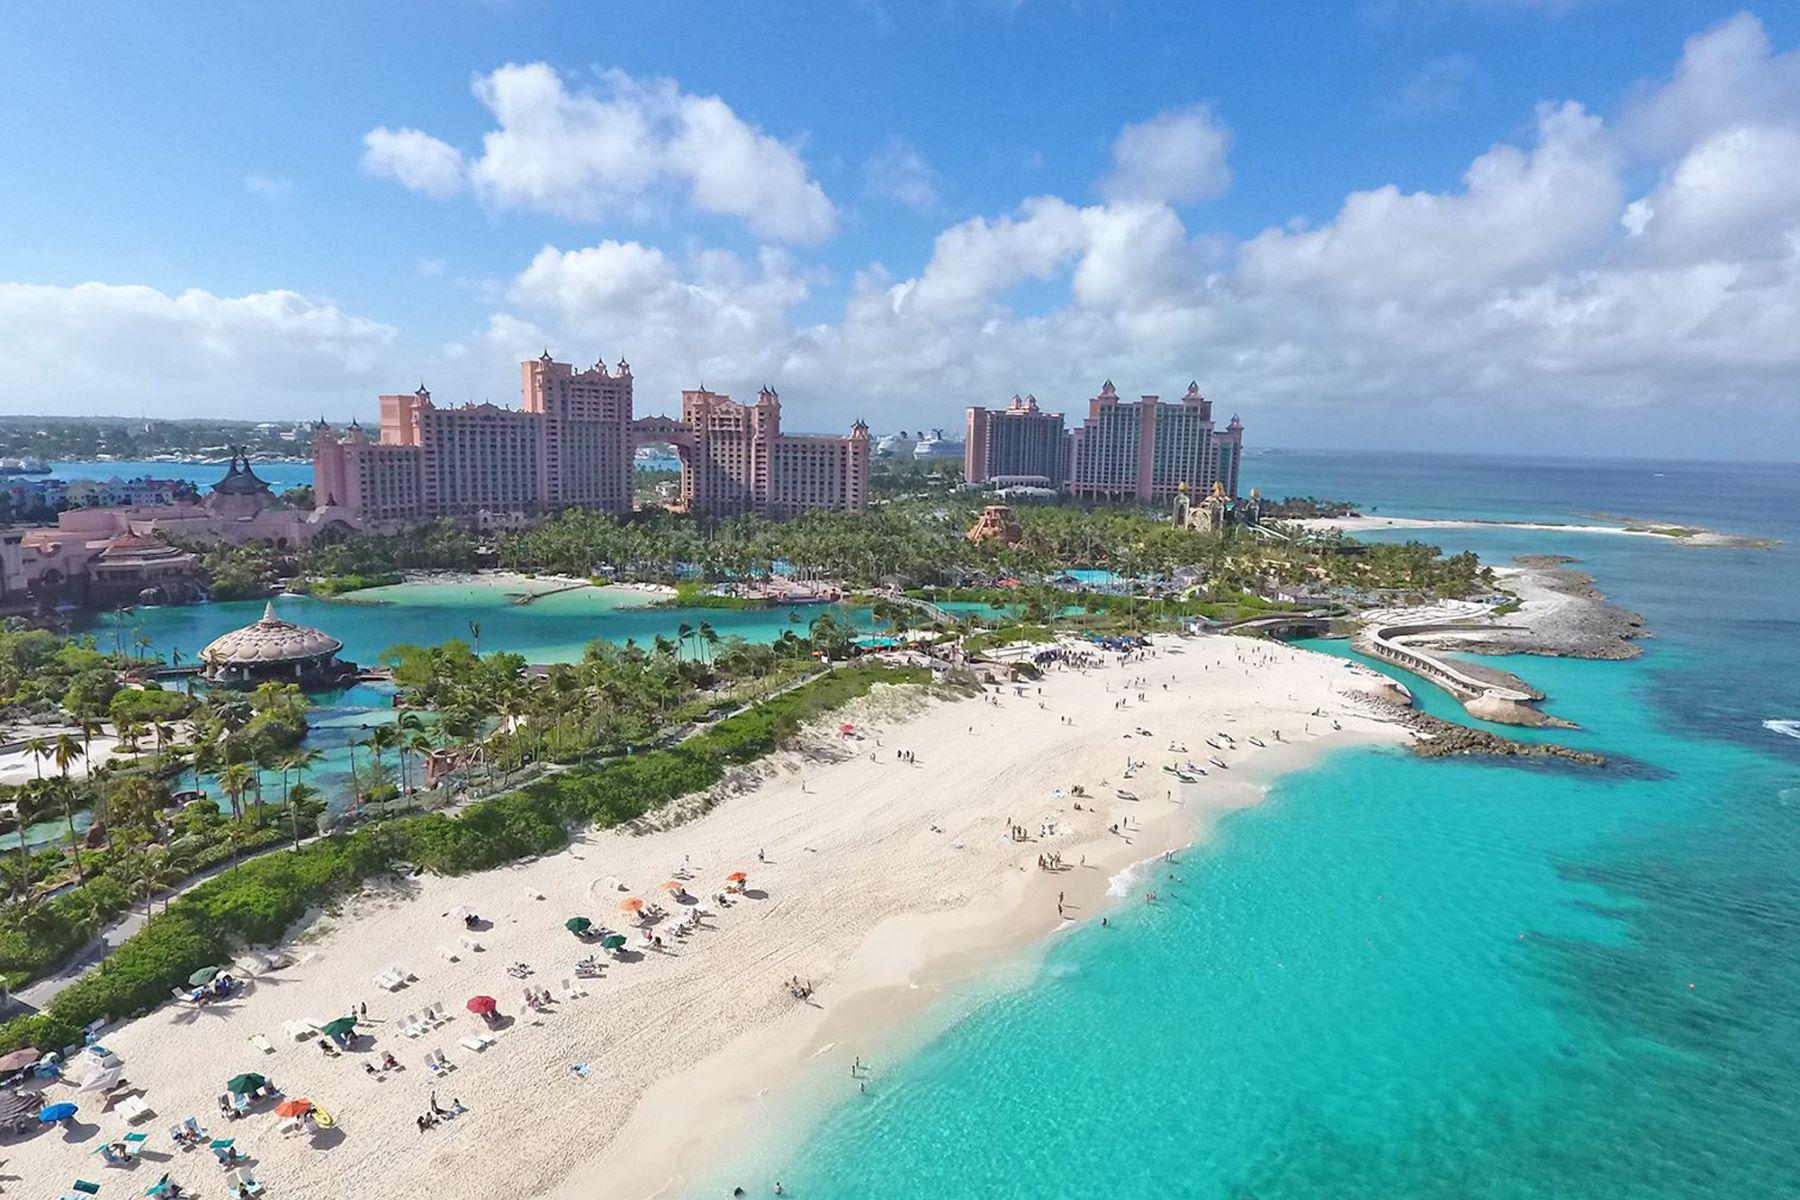 Nhà chung cư vì Bán tại The Reef at Atlantis 21-902 The Reef At Atlantis, Paradise Island, New Providence/Nassau Bahamas